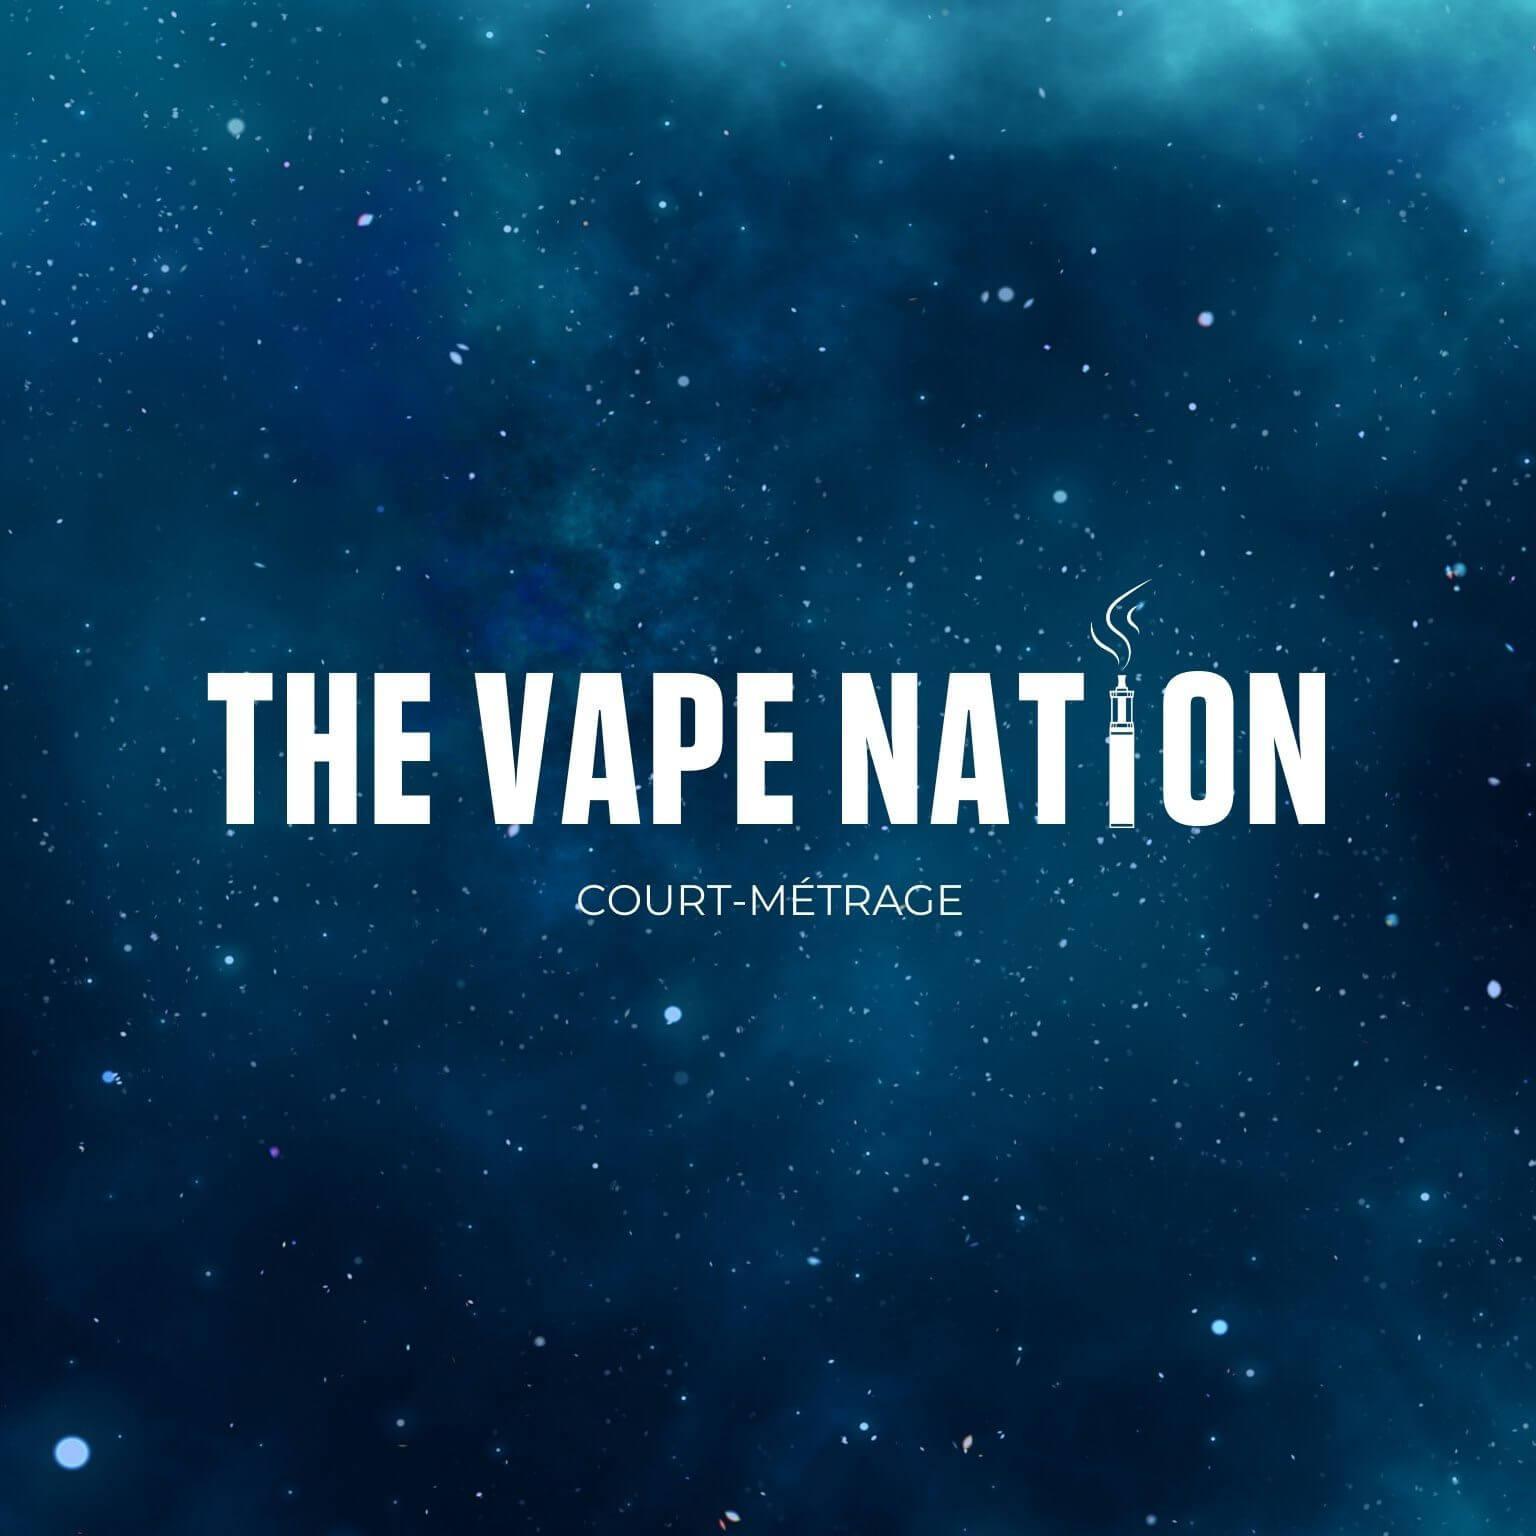 The vape nation